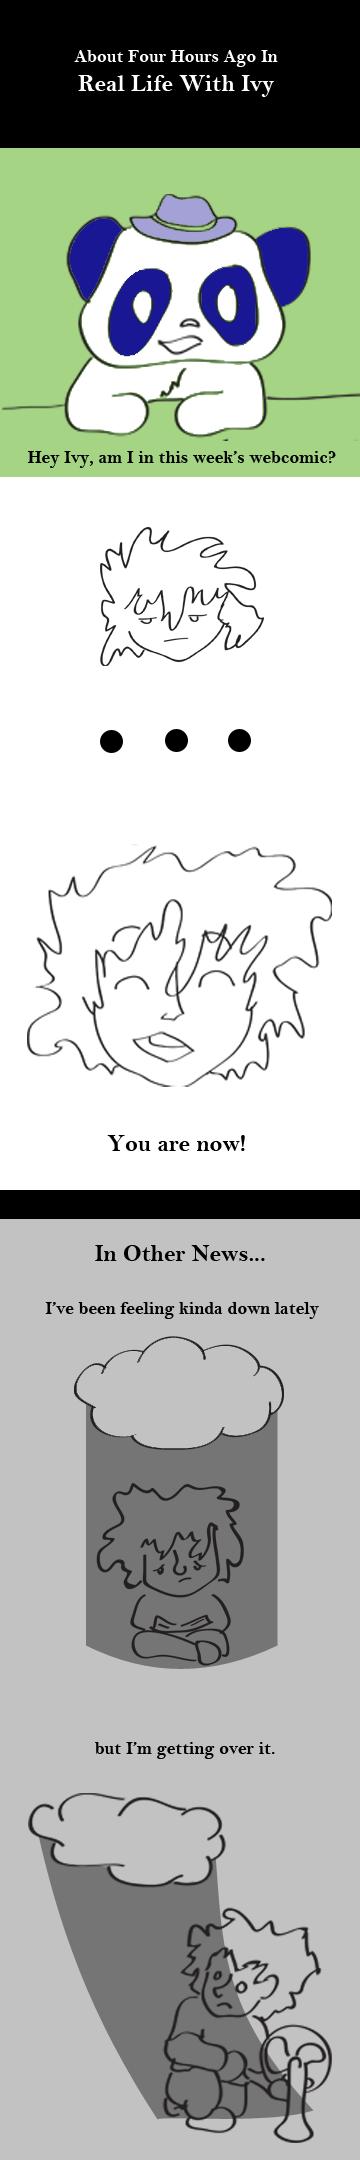 The Sixth Comic